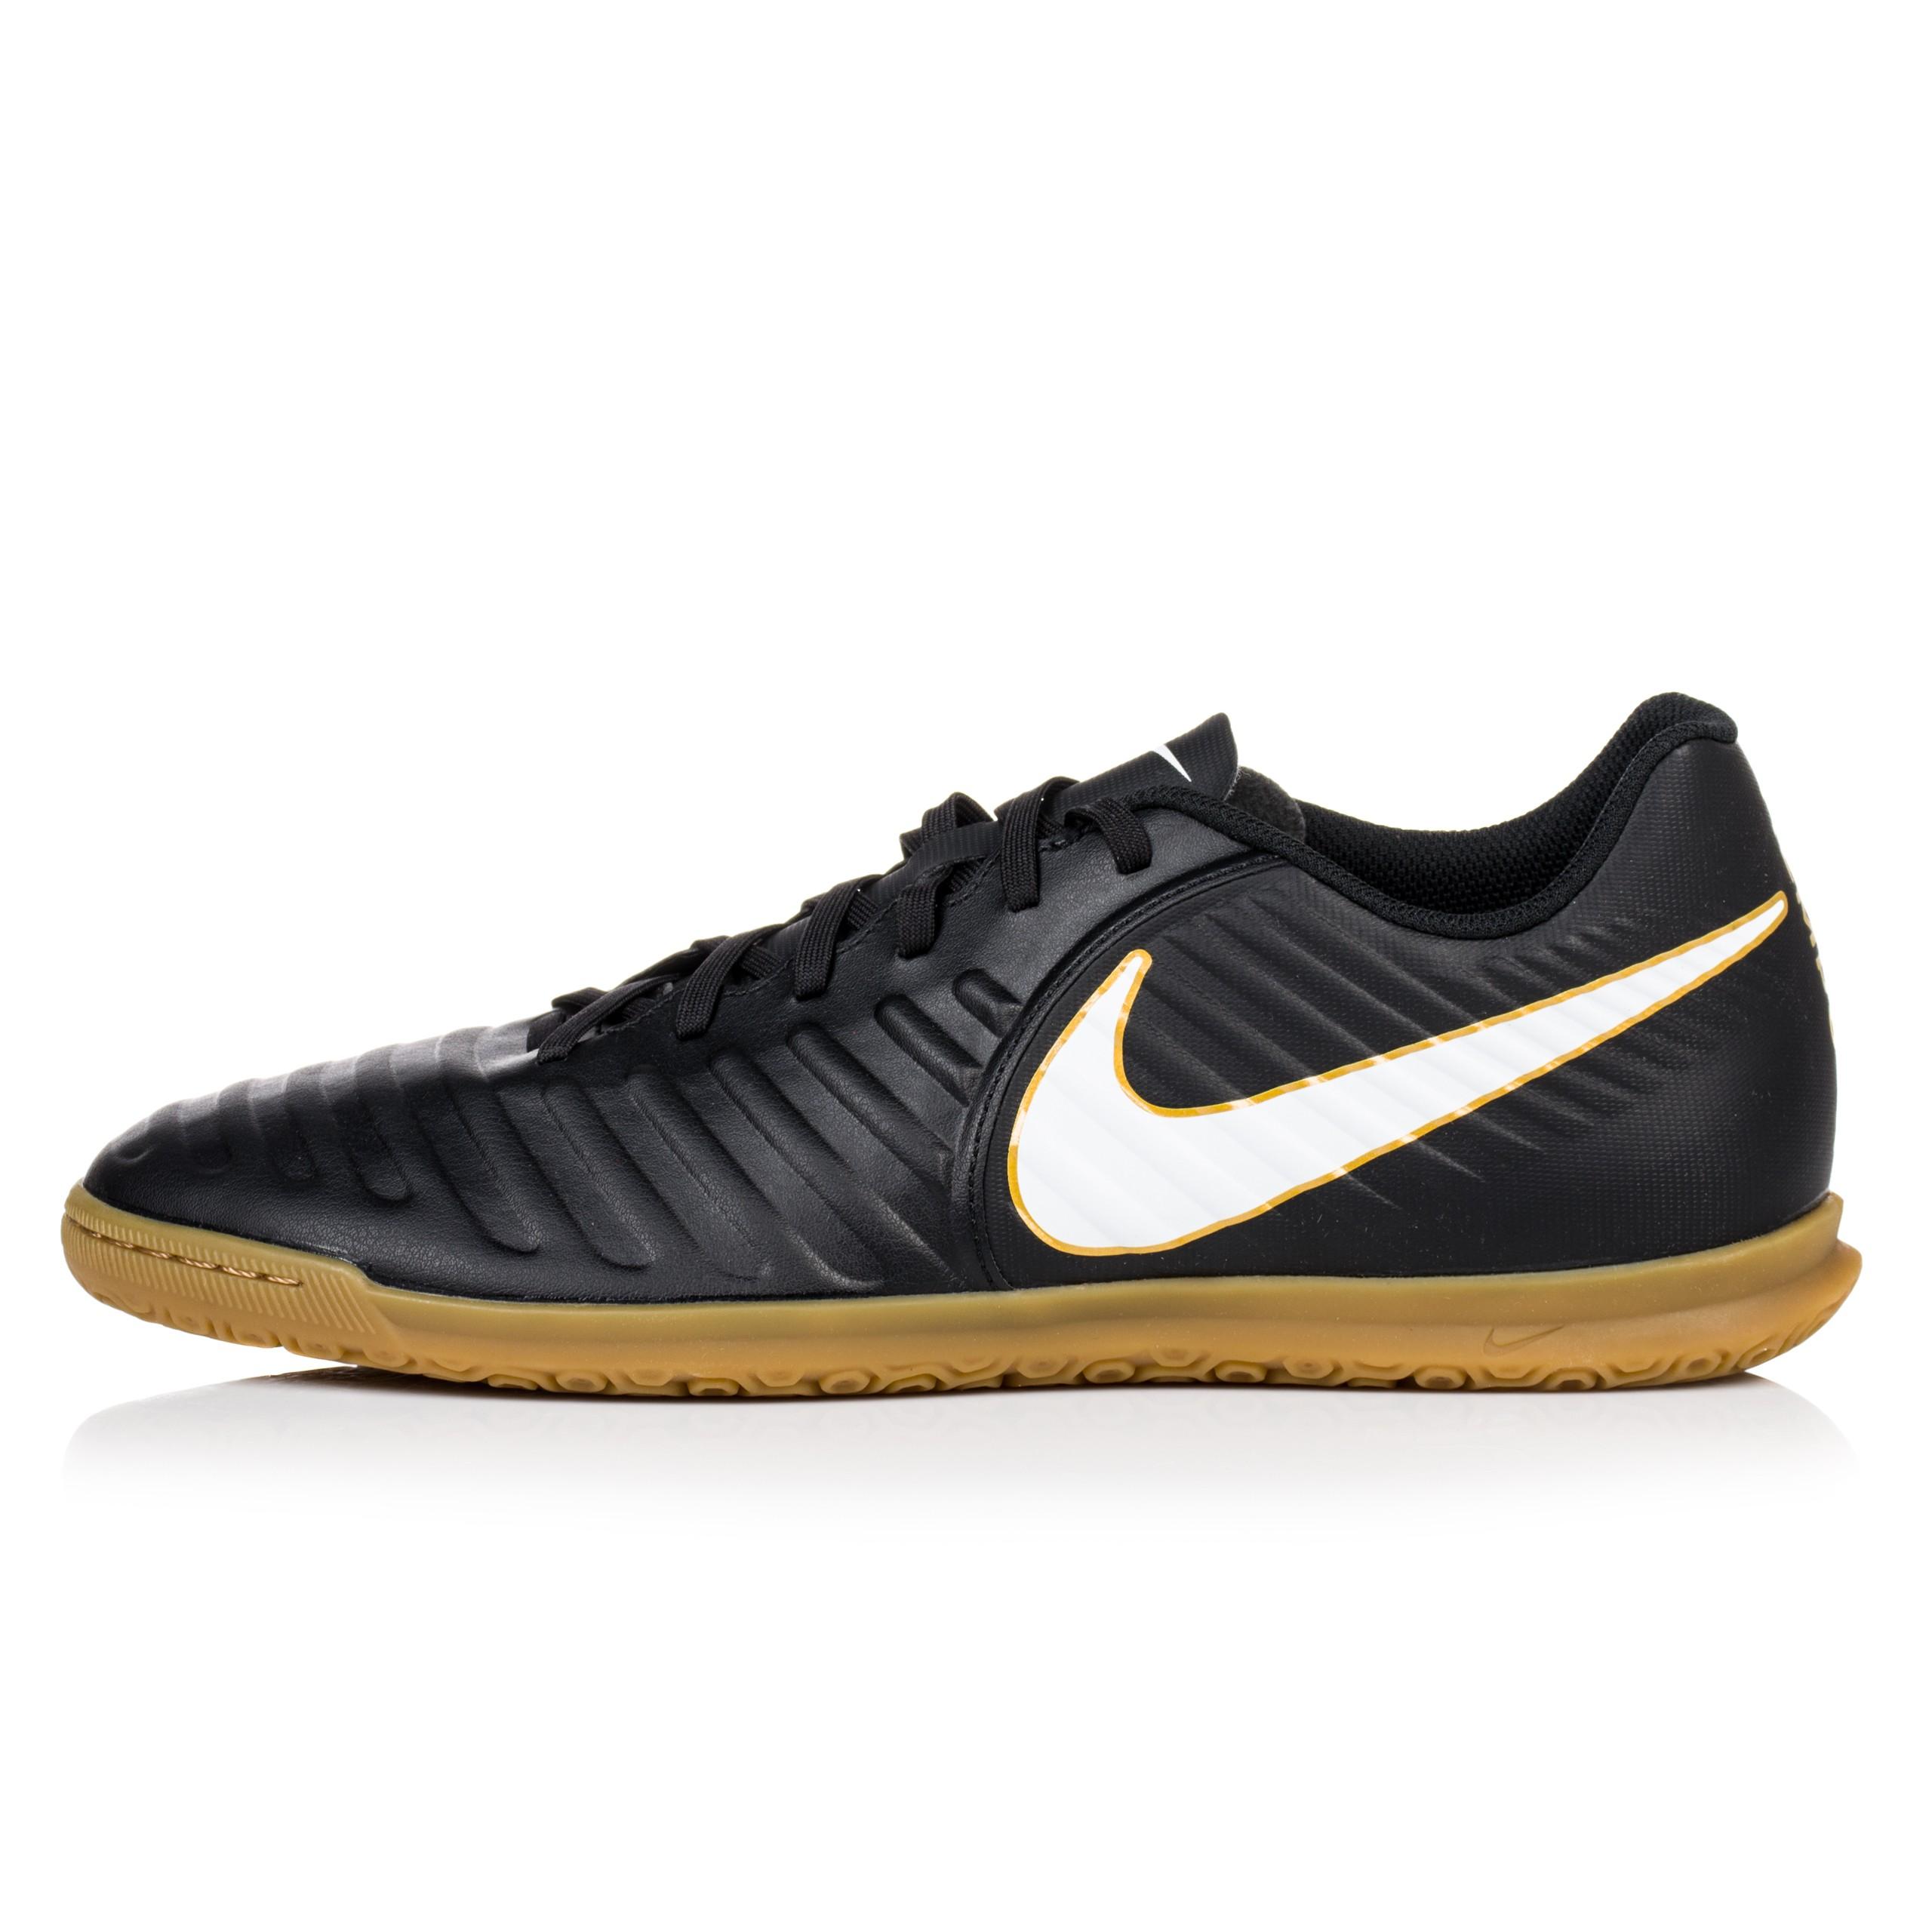 premium selection 25135 b85c5 Buty męskie Nike Tiempo X Rio czarne halówki